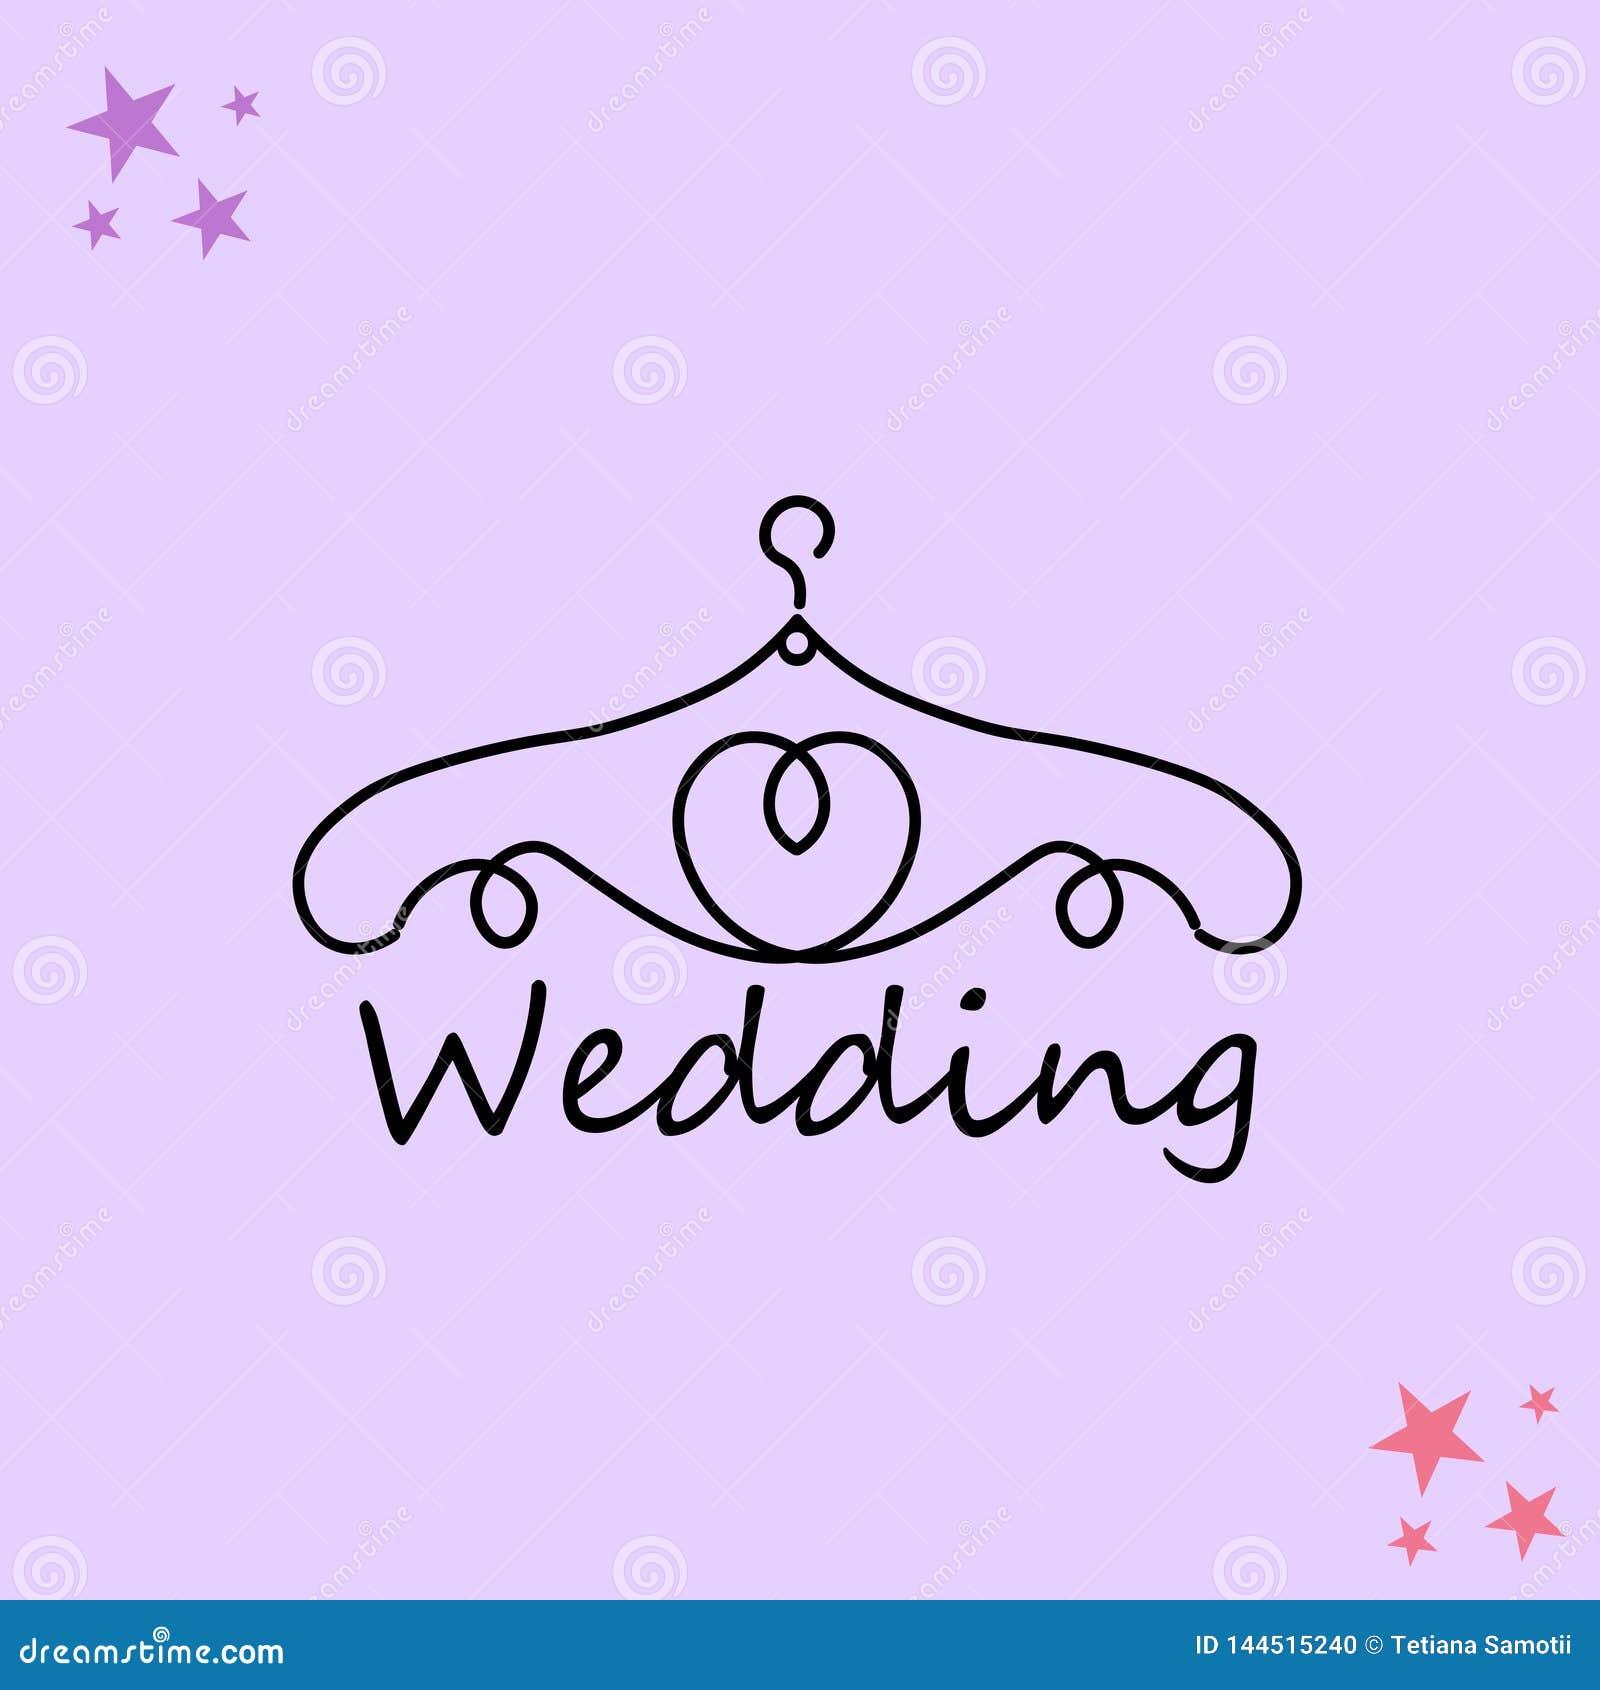 Ιστός Λογότυπο για το ατελιέ, γαμήλια μπουτίκ, κατάστημα ιματισμού των γυναικών Διανυσματικό πρότυπο του εμπορικού σήματος για το